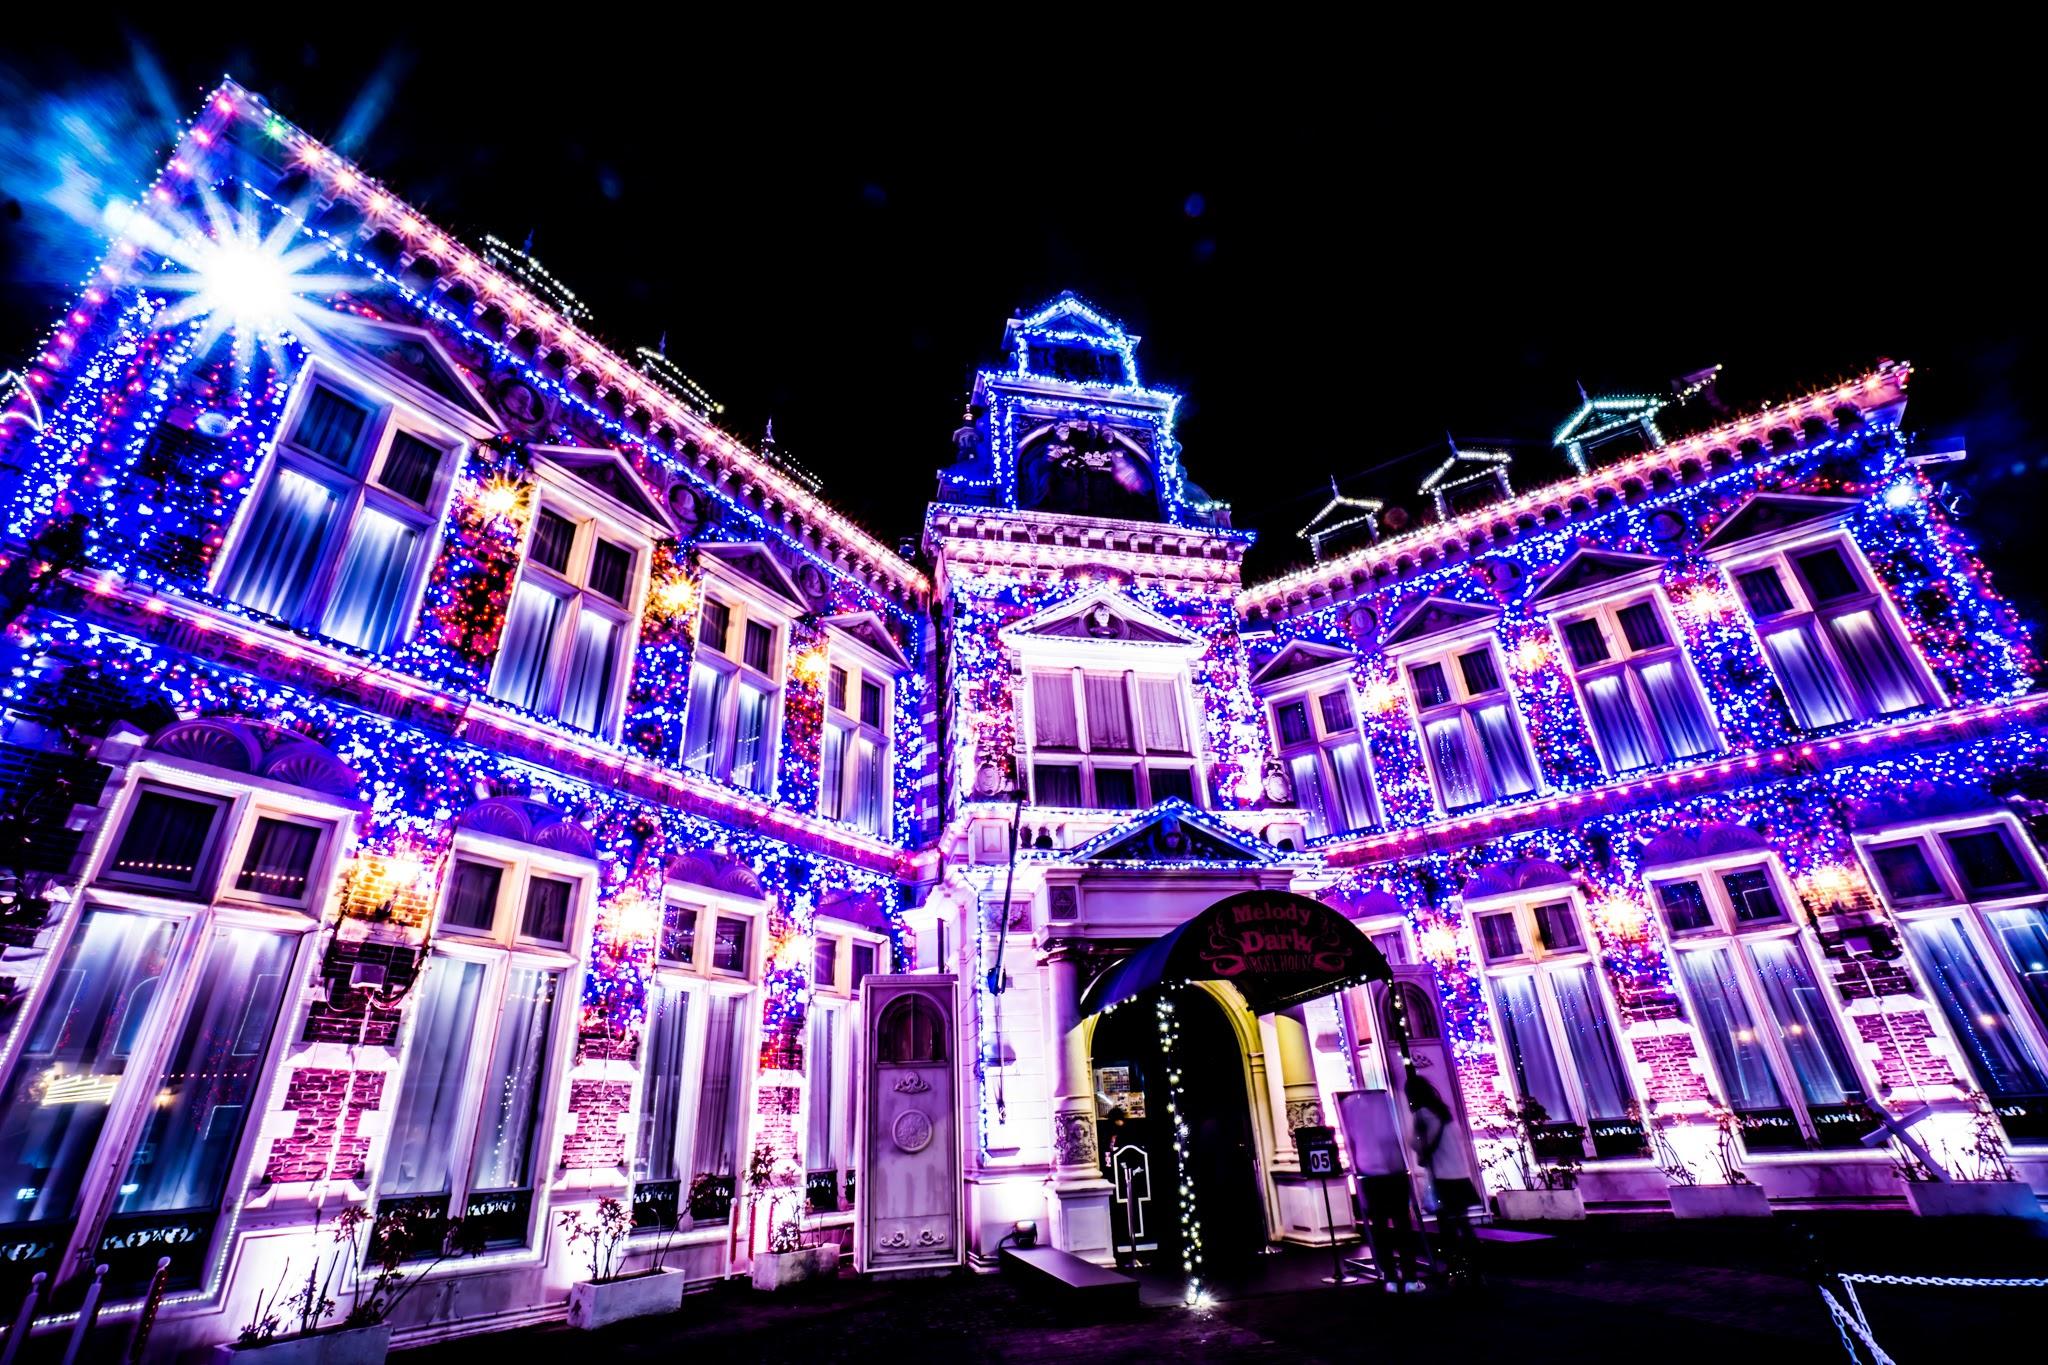 ハウステンボス イルミネーション 光の王国 スリラーシティ2